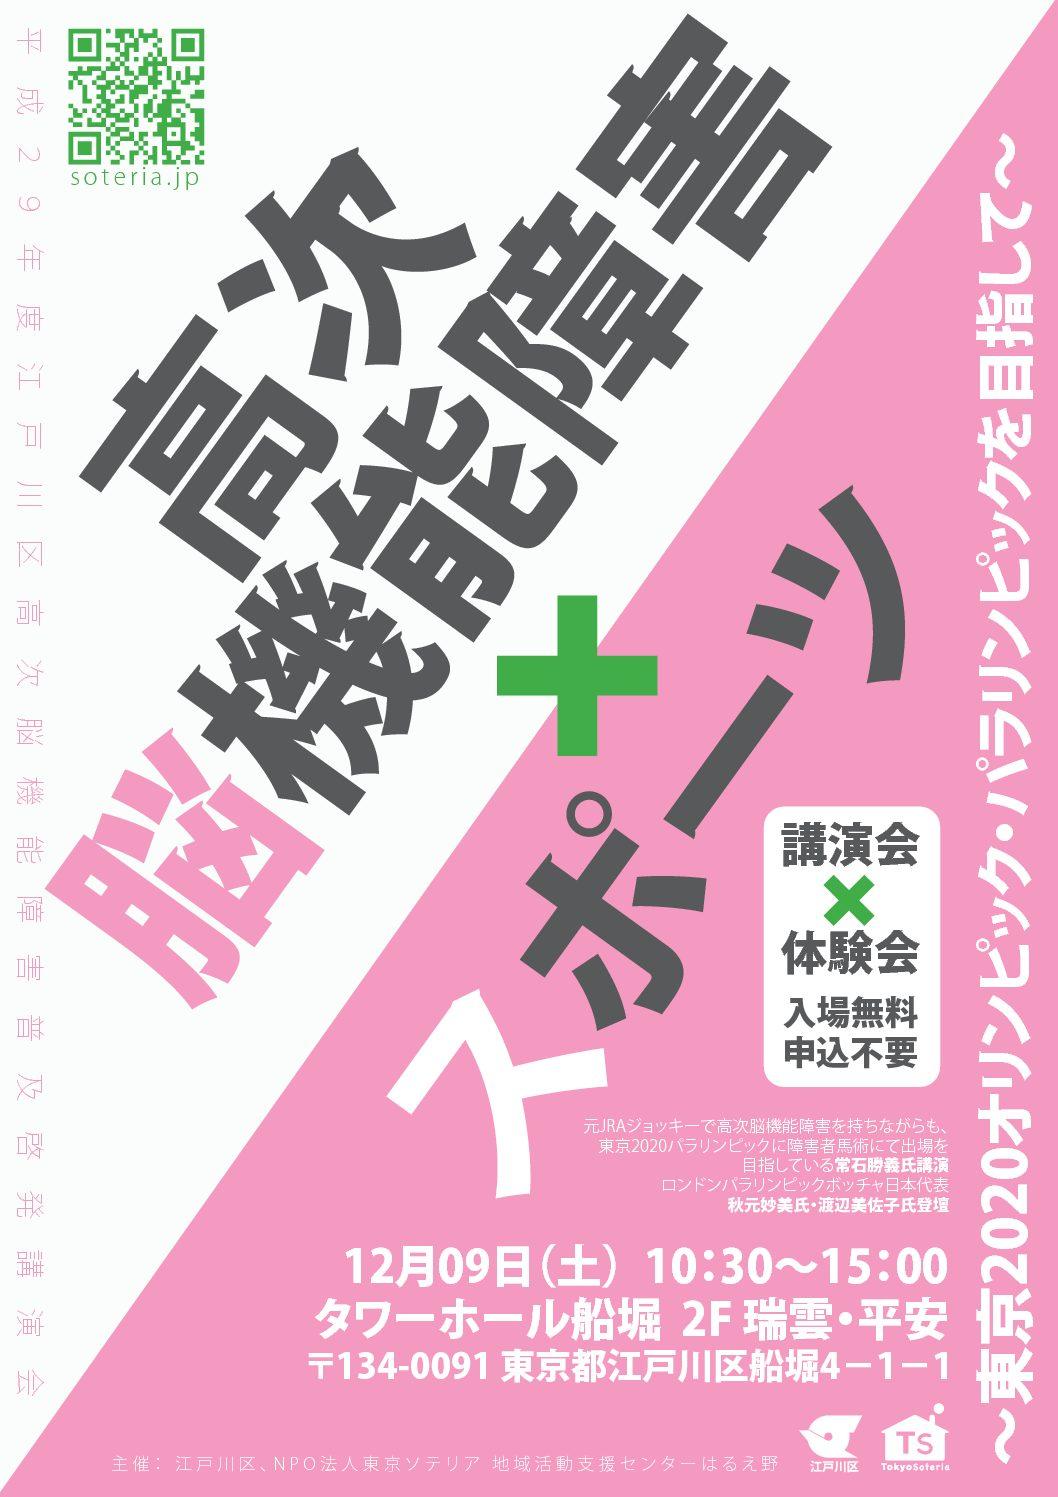 平成29年度 江戸川区高次脳機能障害普及啓発講演会